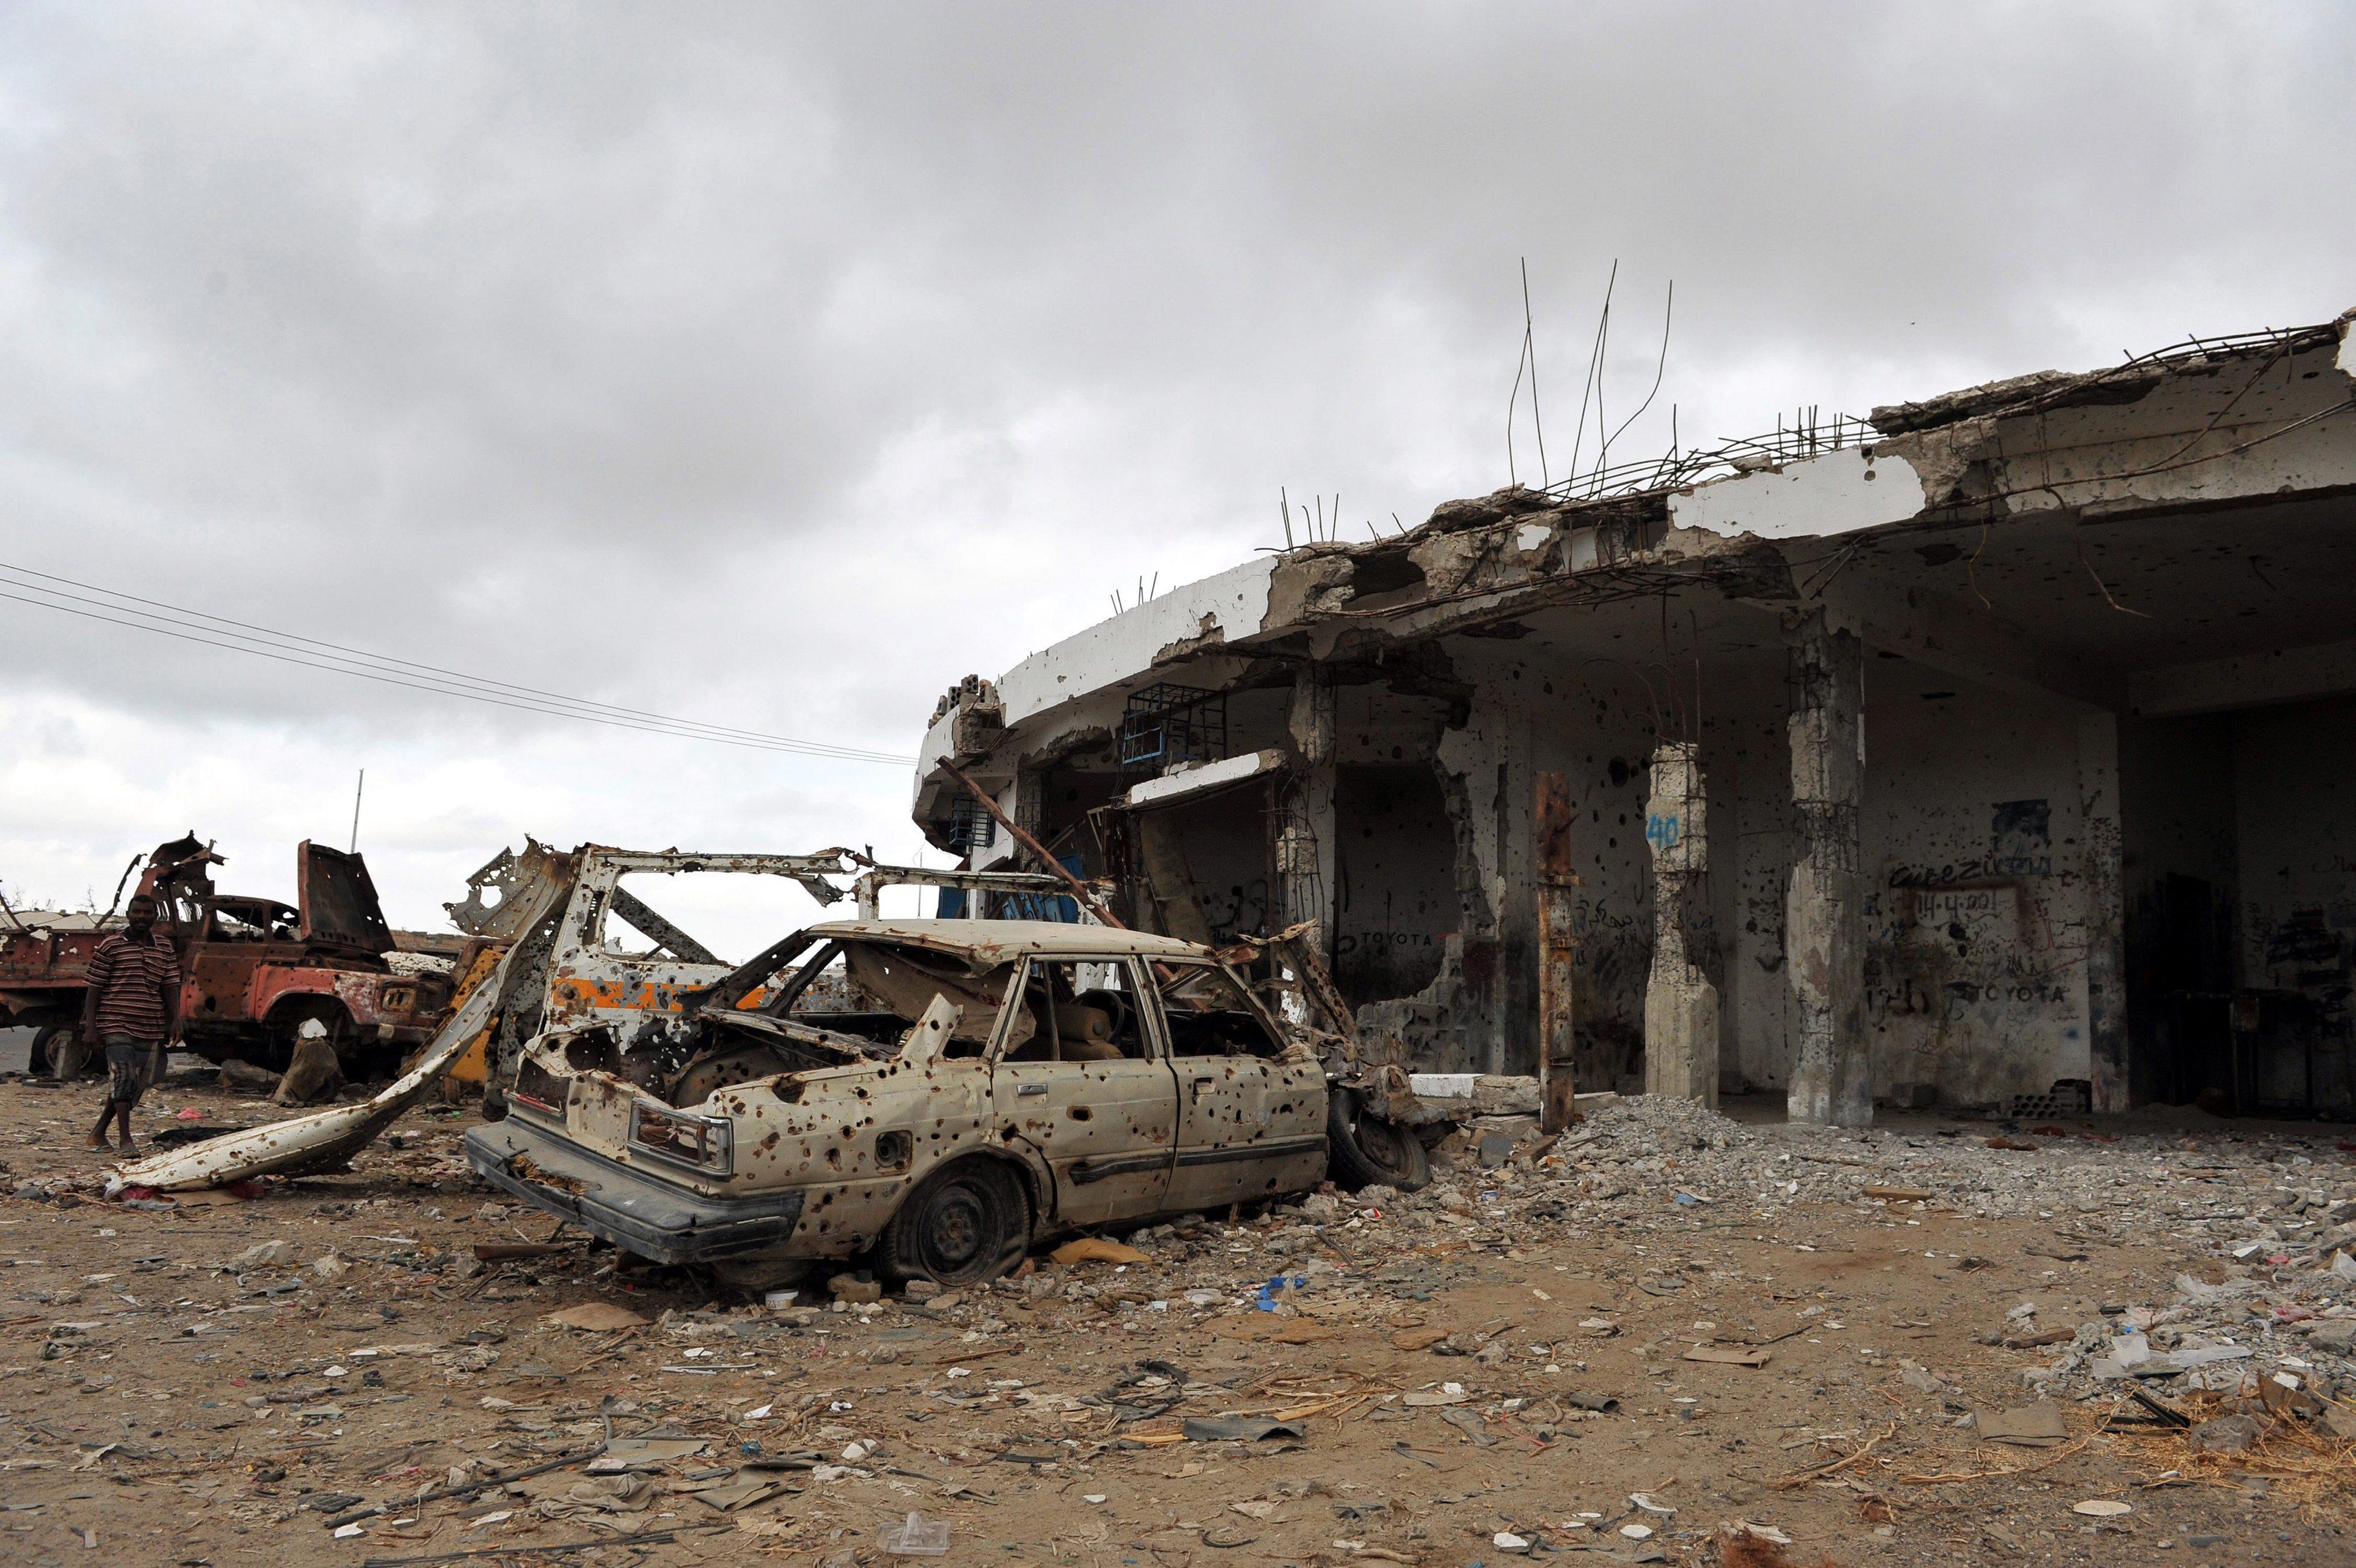 Três supostos membros da Al-Qaida mortos em ataque de drone americano